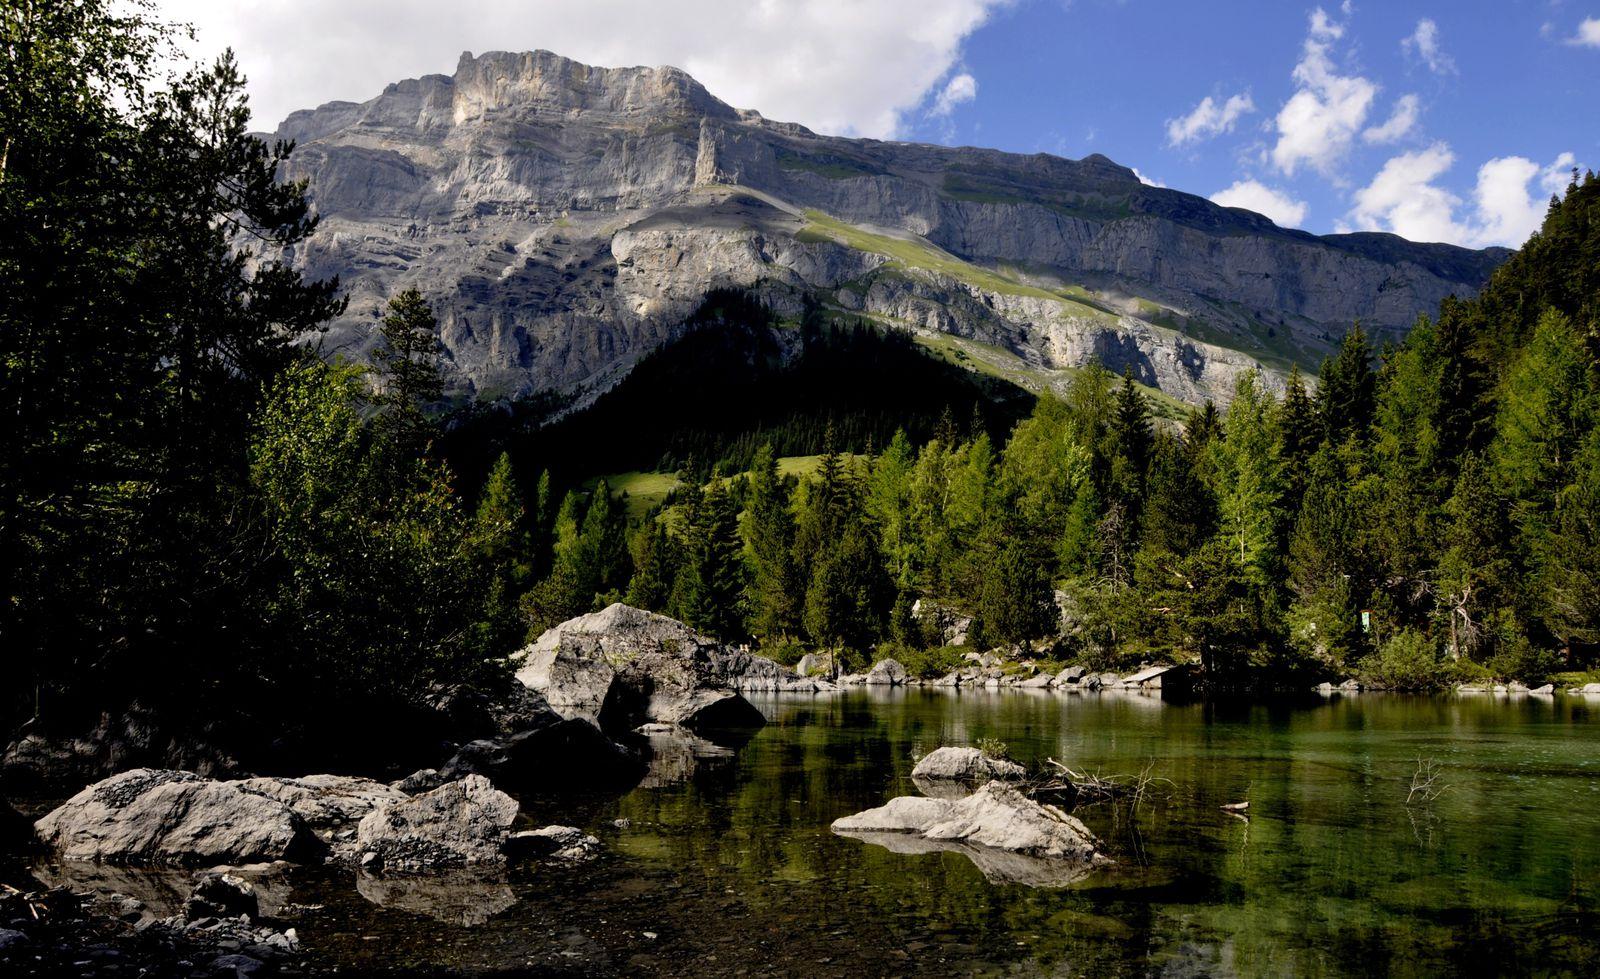 Lieu Magic situé en Valais Ouvrage: CF Ramuz Film : Francis Reusser Du Chaos, né la beauté...